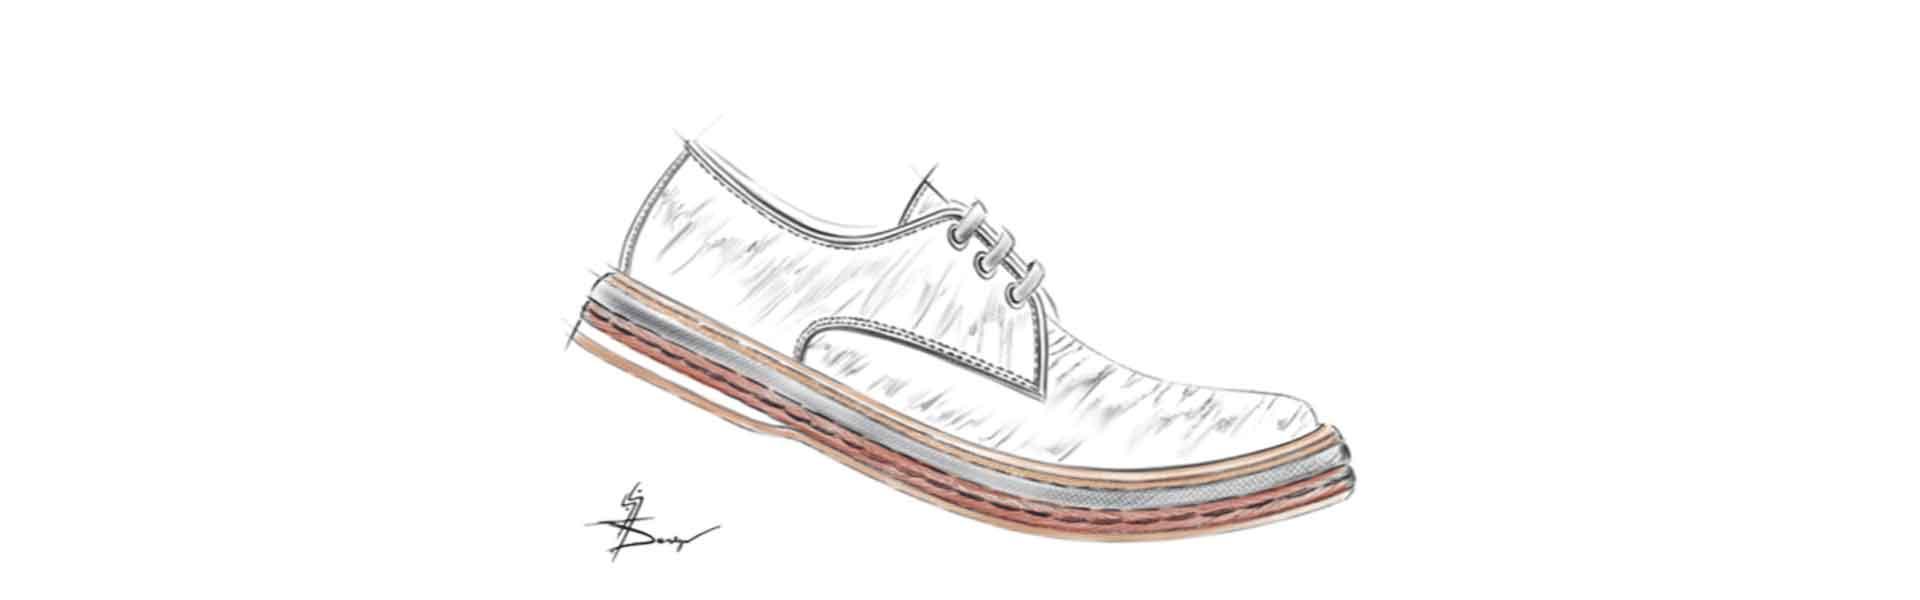 Footwear Trend SS21 Oxy Dye - Sketch